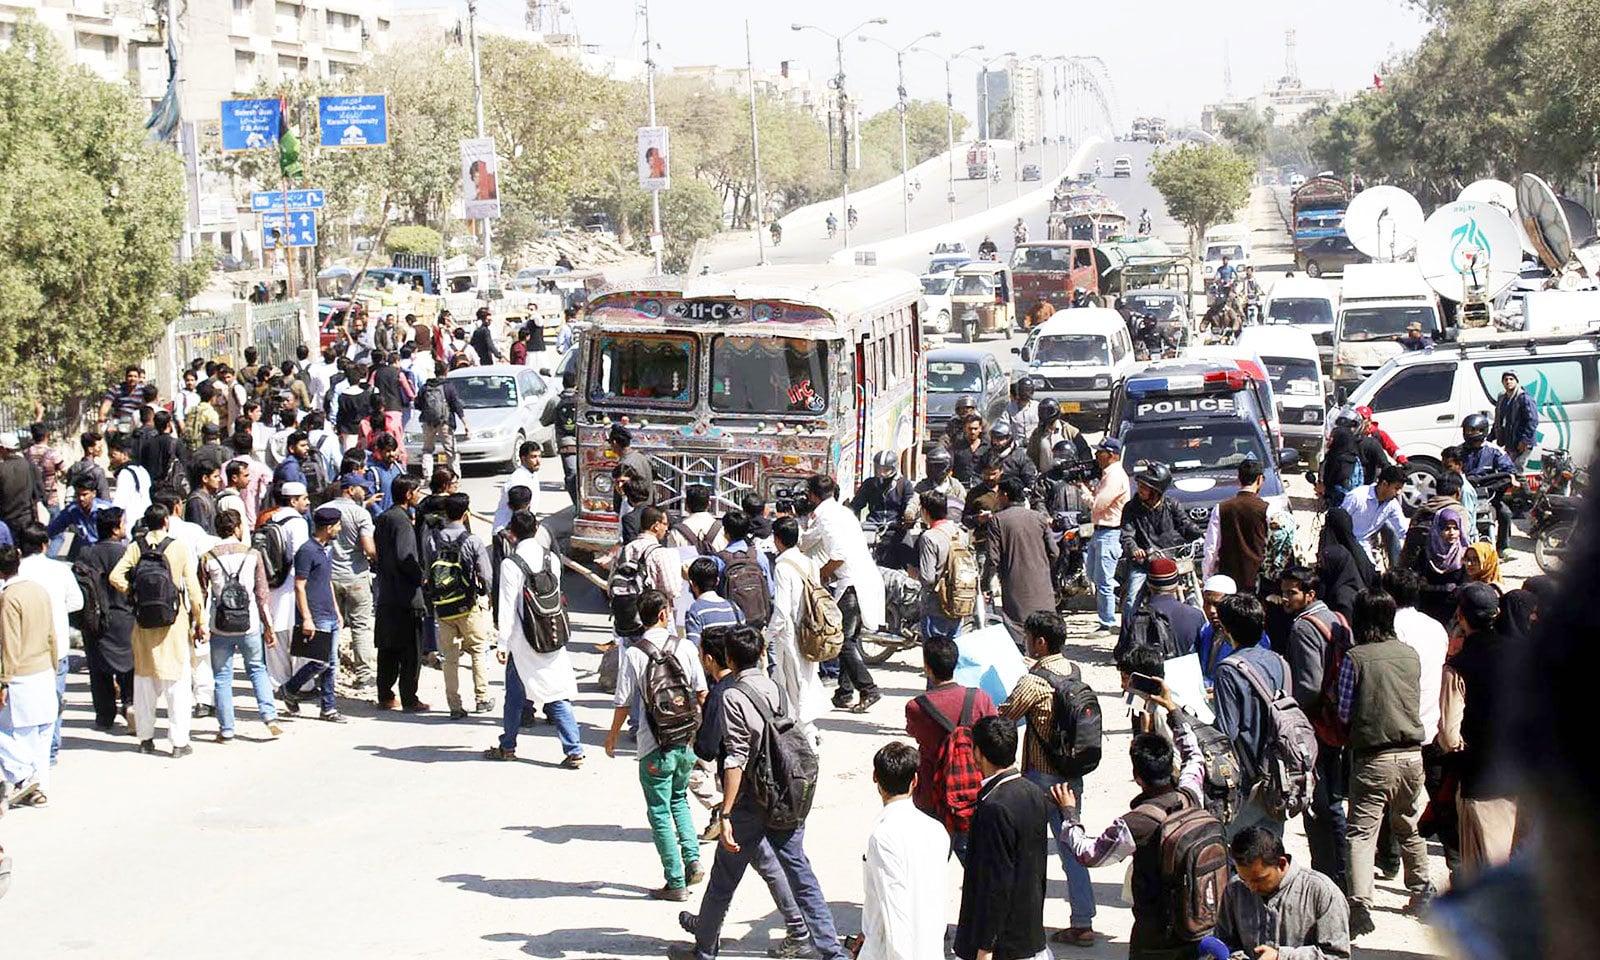 بے ہنگم ٹریفک اور شاہراہوں پر لوگوں کی جانب سے بے خوف چہل قدمی بھی مسائل پیدا کرتی ہے—فوٹو: شٹر اسٹاک